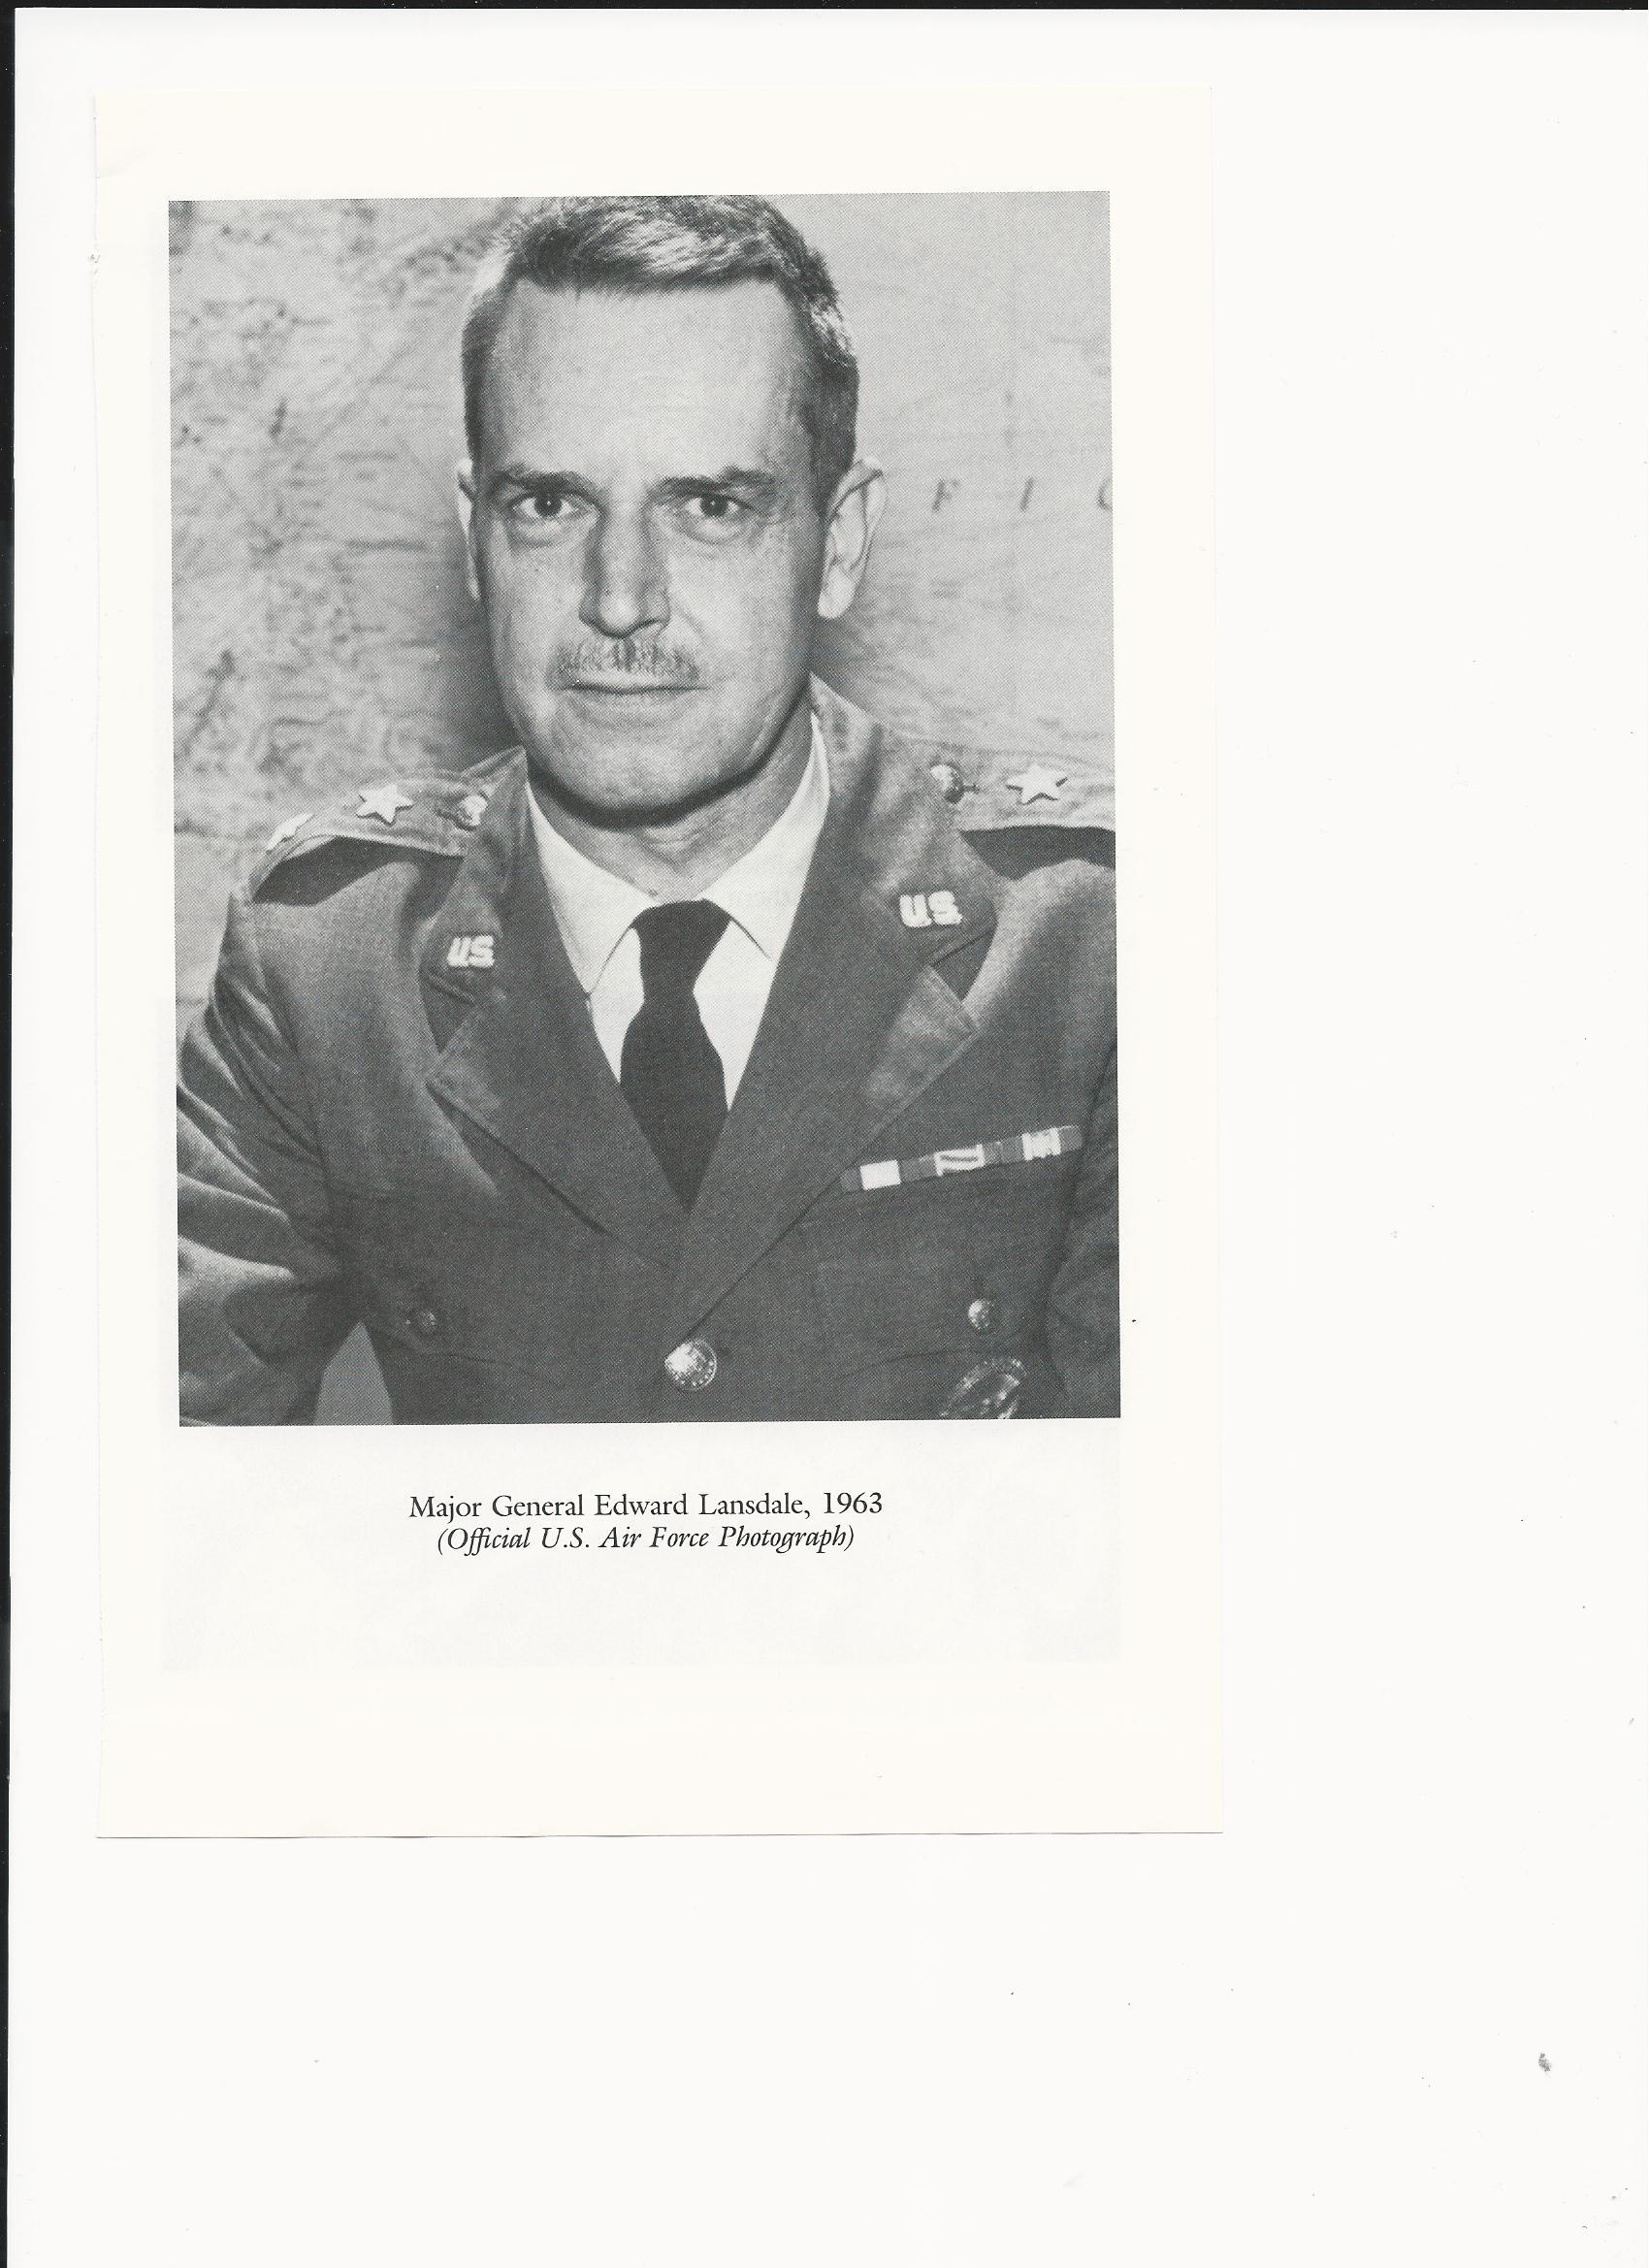 image1.jpeg General Edward Lansdale